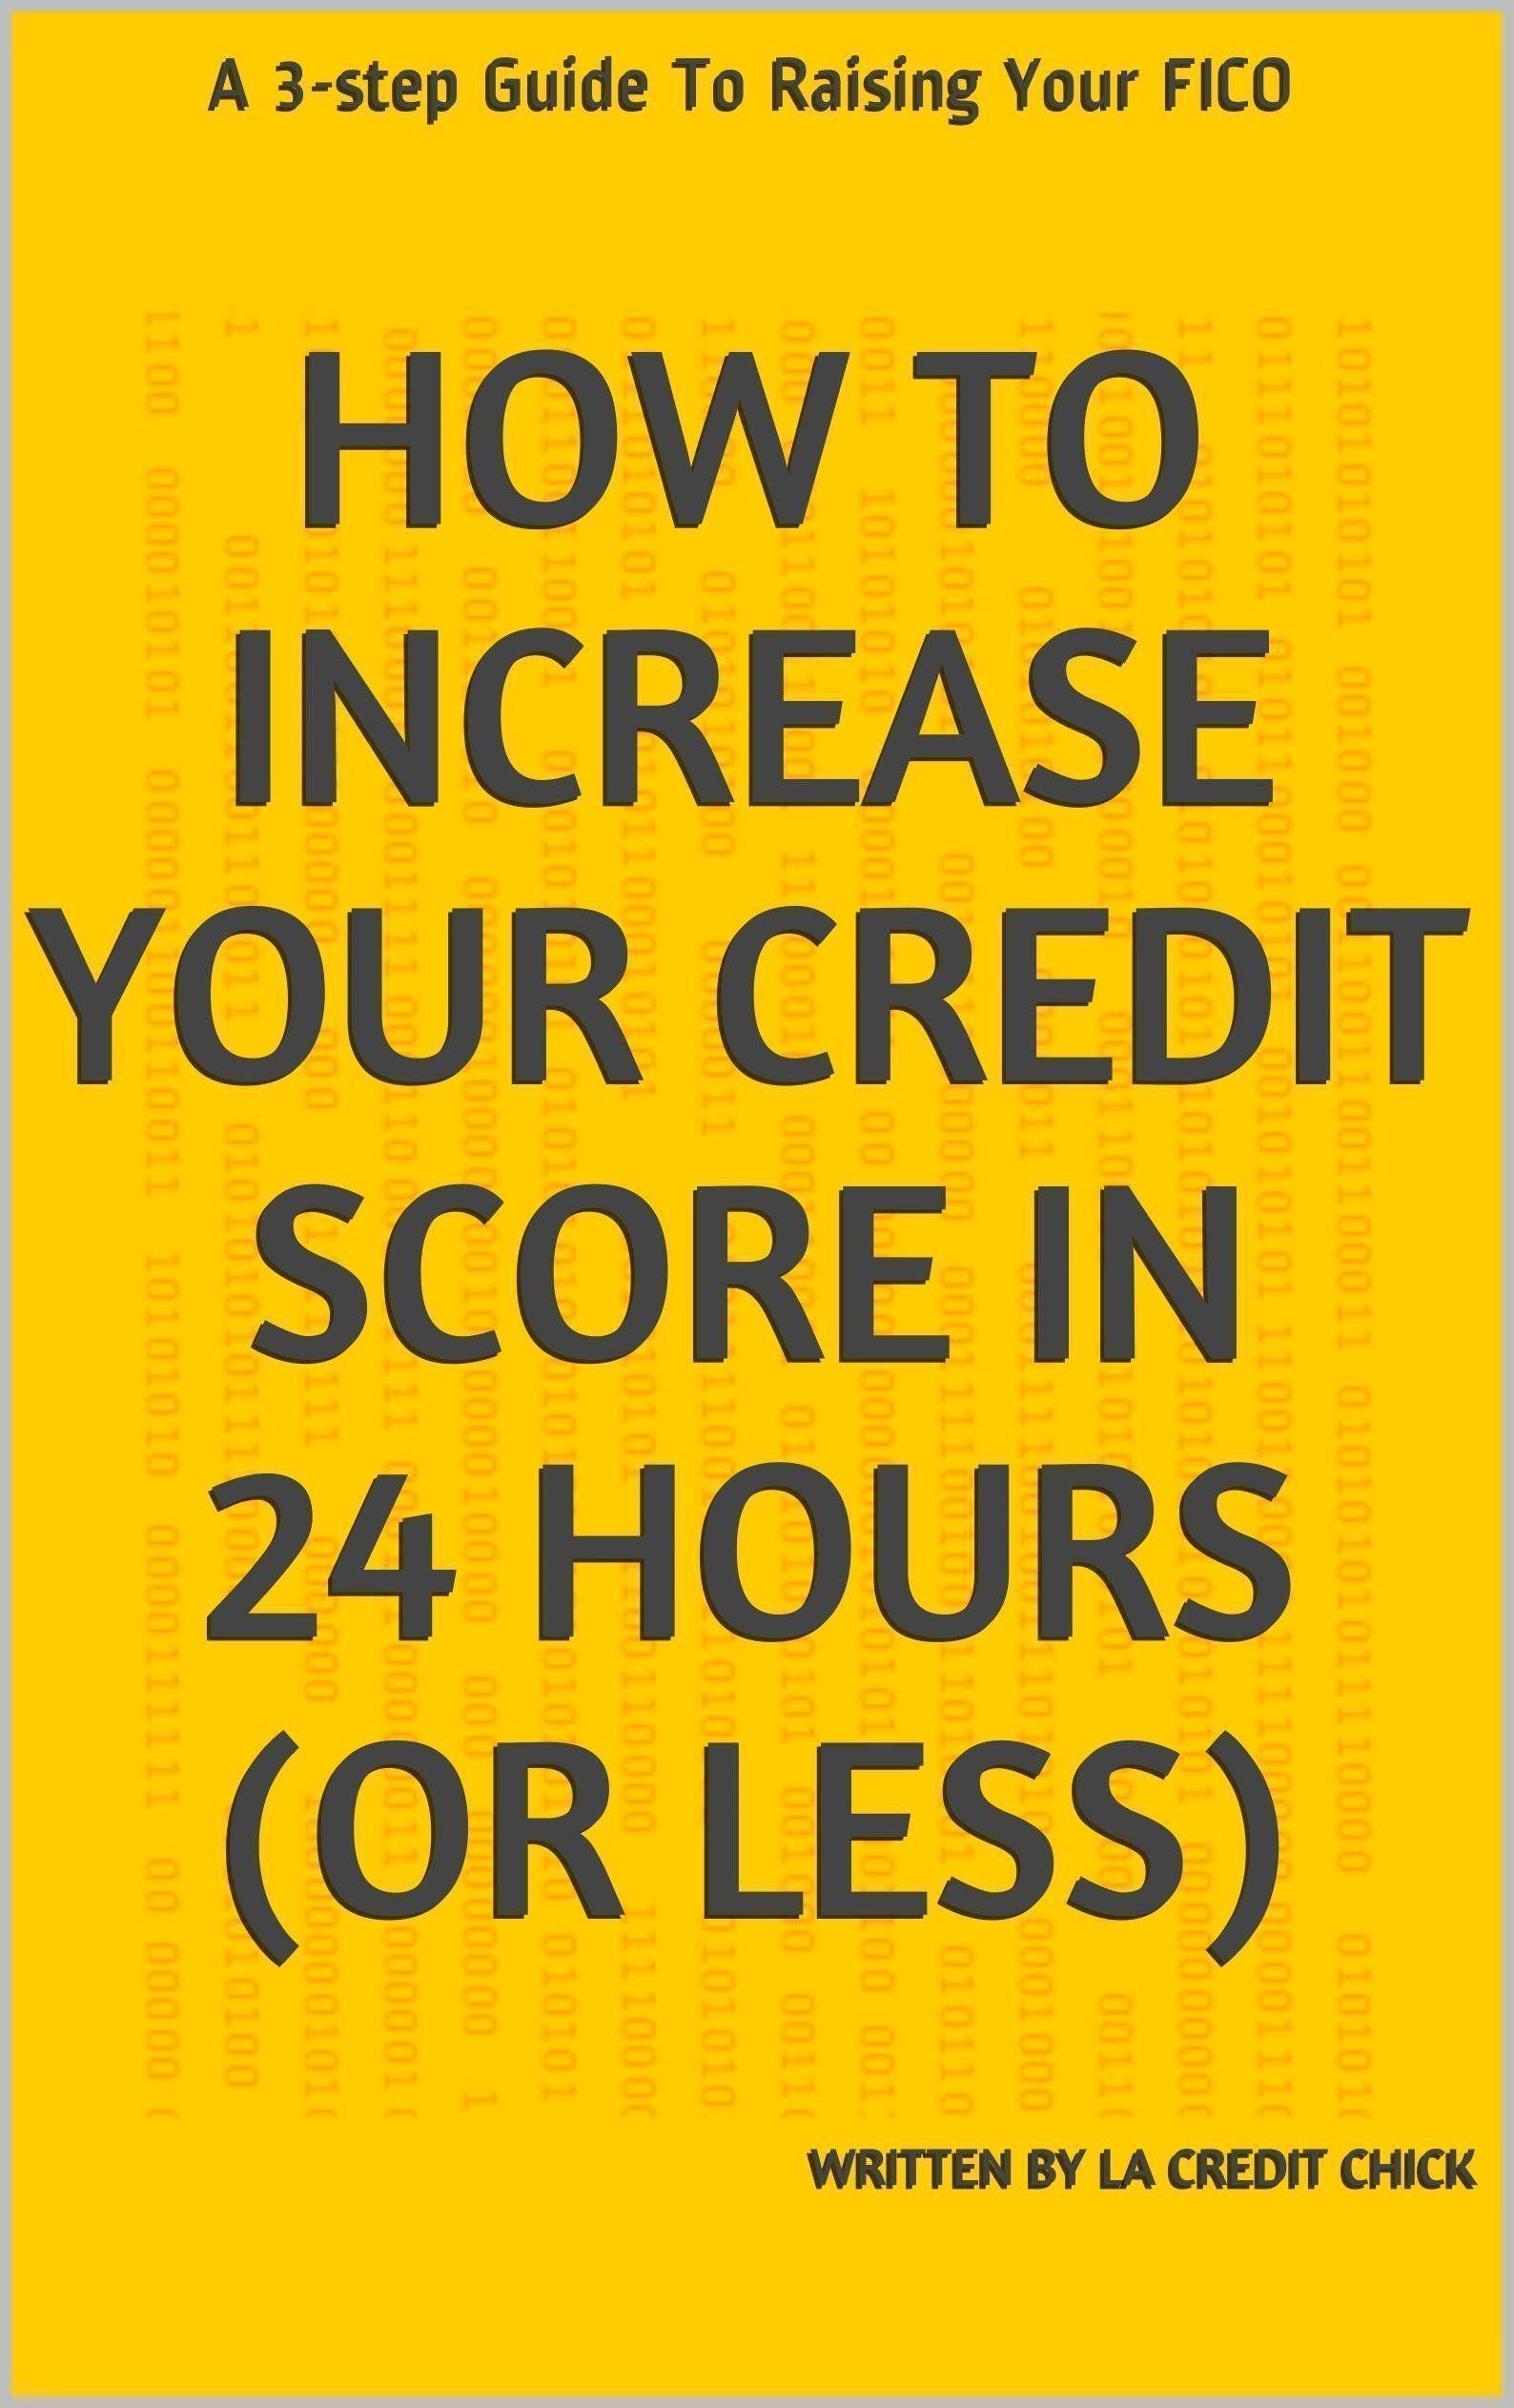 Credit Cards Images Kreditkartentipps Kreditkarte Kreditkartenbilder Creditcard Kreditkartenwerbung Credit Repair Check Credit Score Credit Score